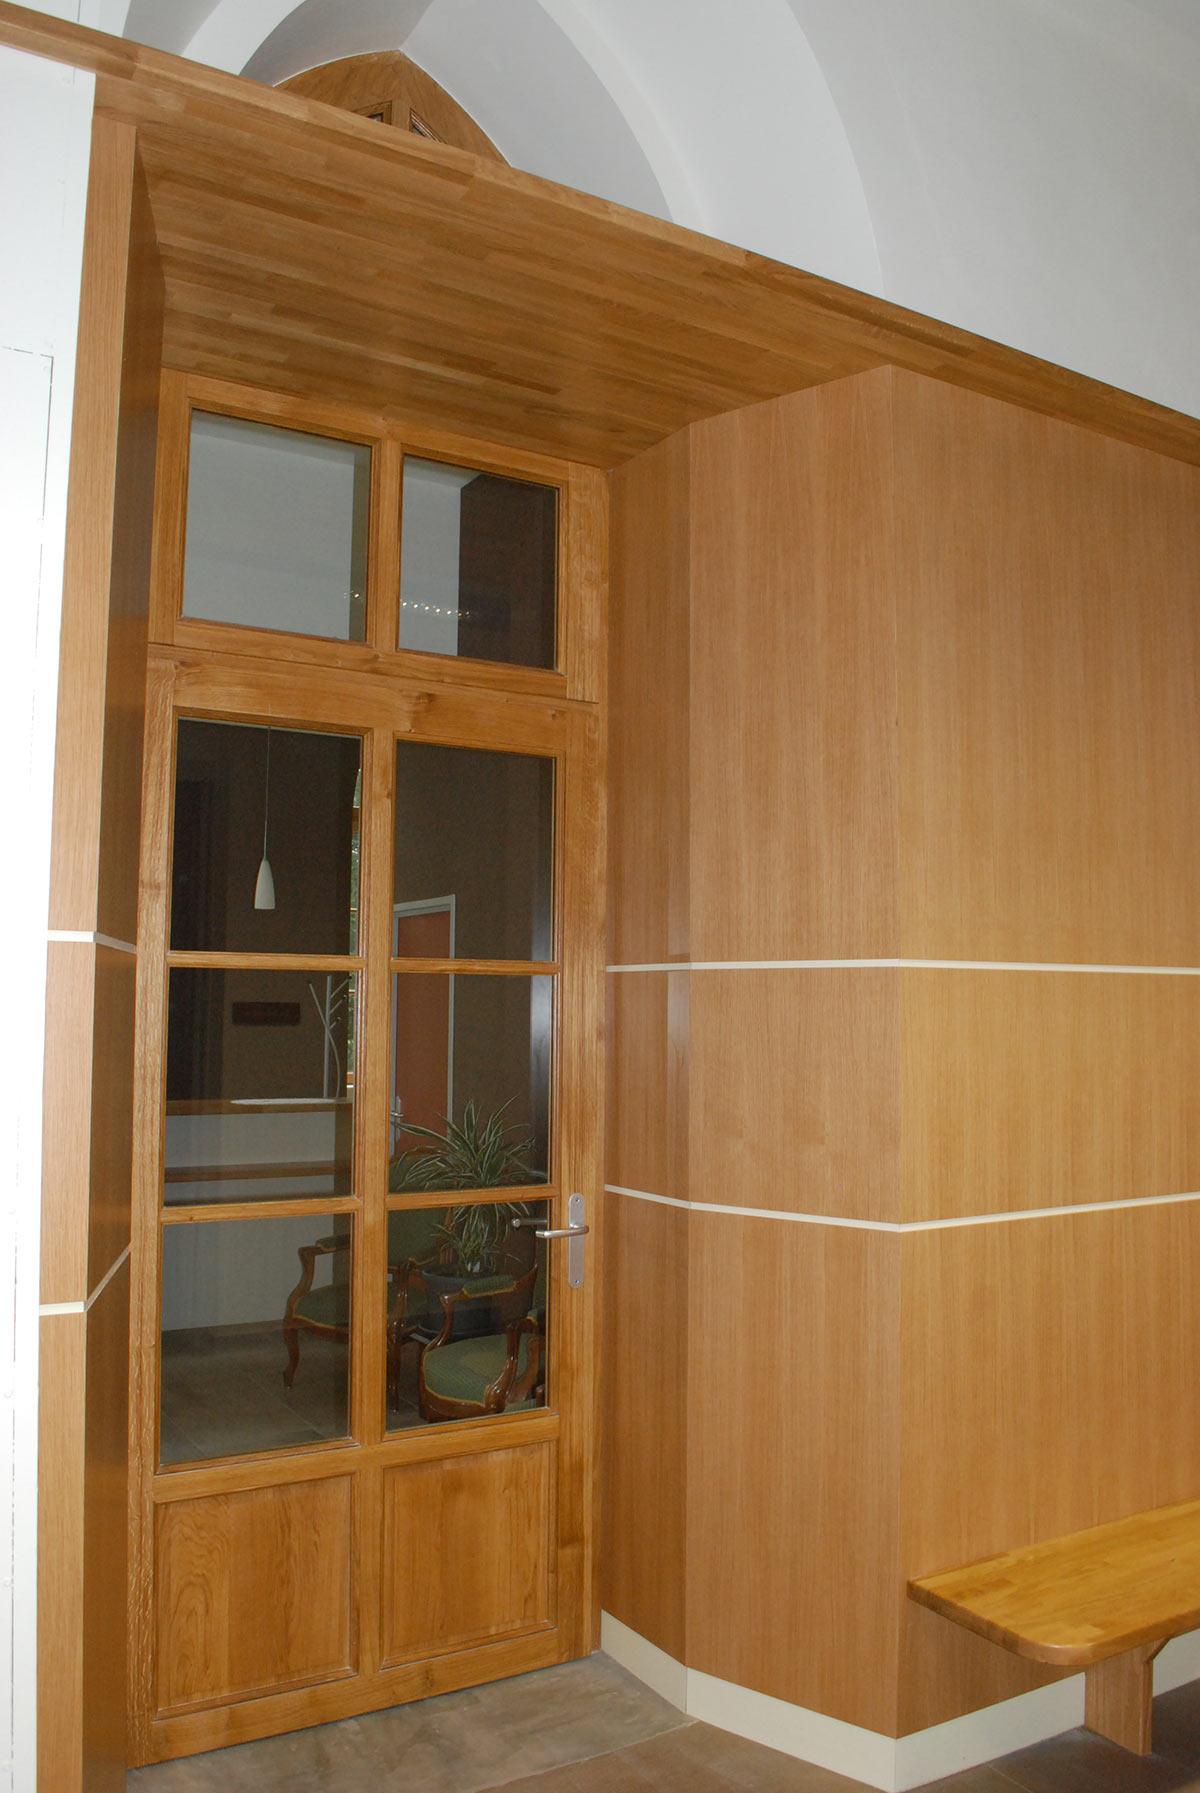 lmb martin fr res isolation et cloisons. Black Bedroom Furniture Sets. Home Design Ideas